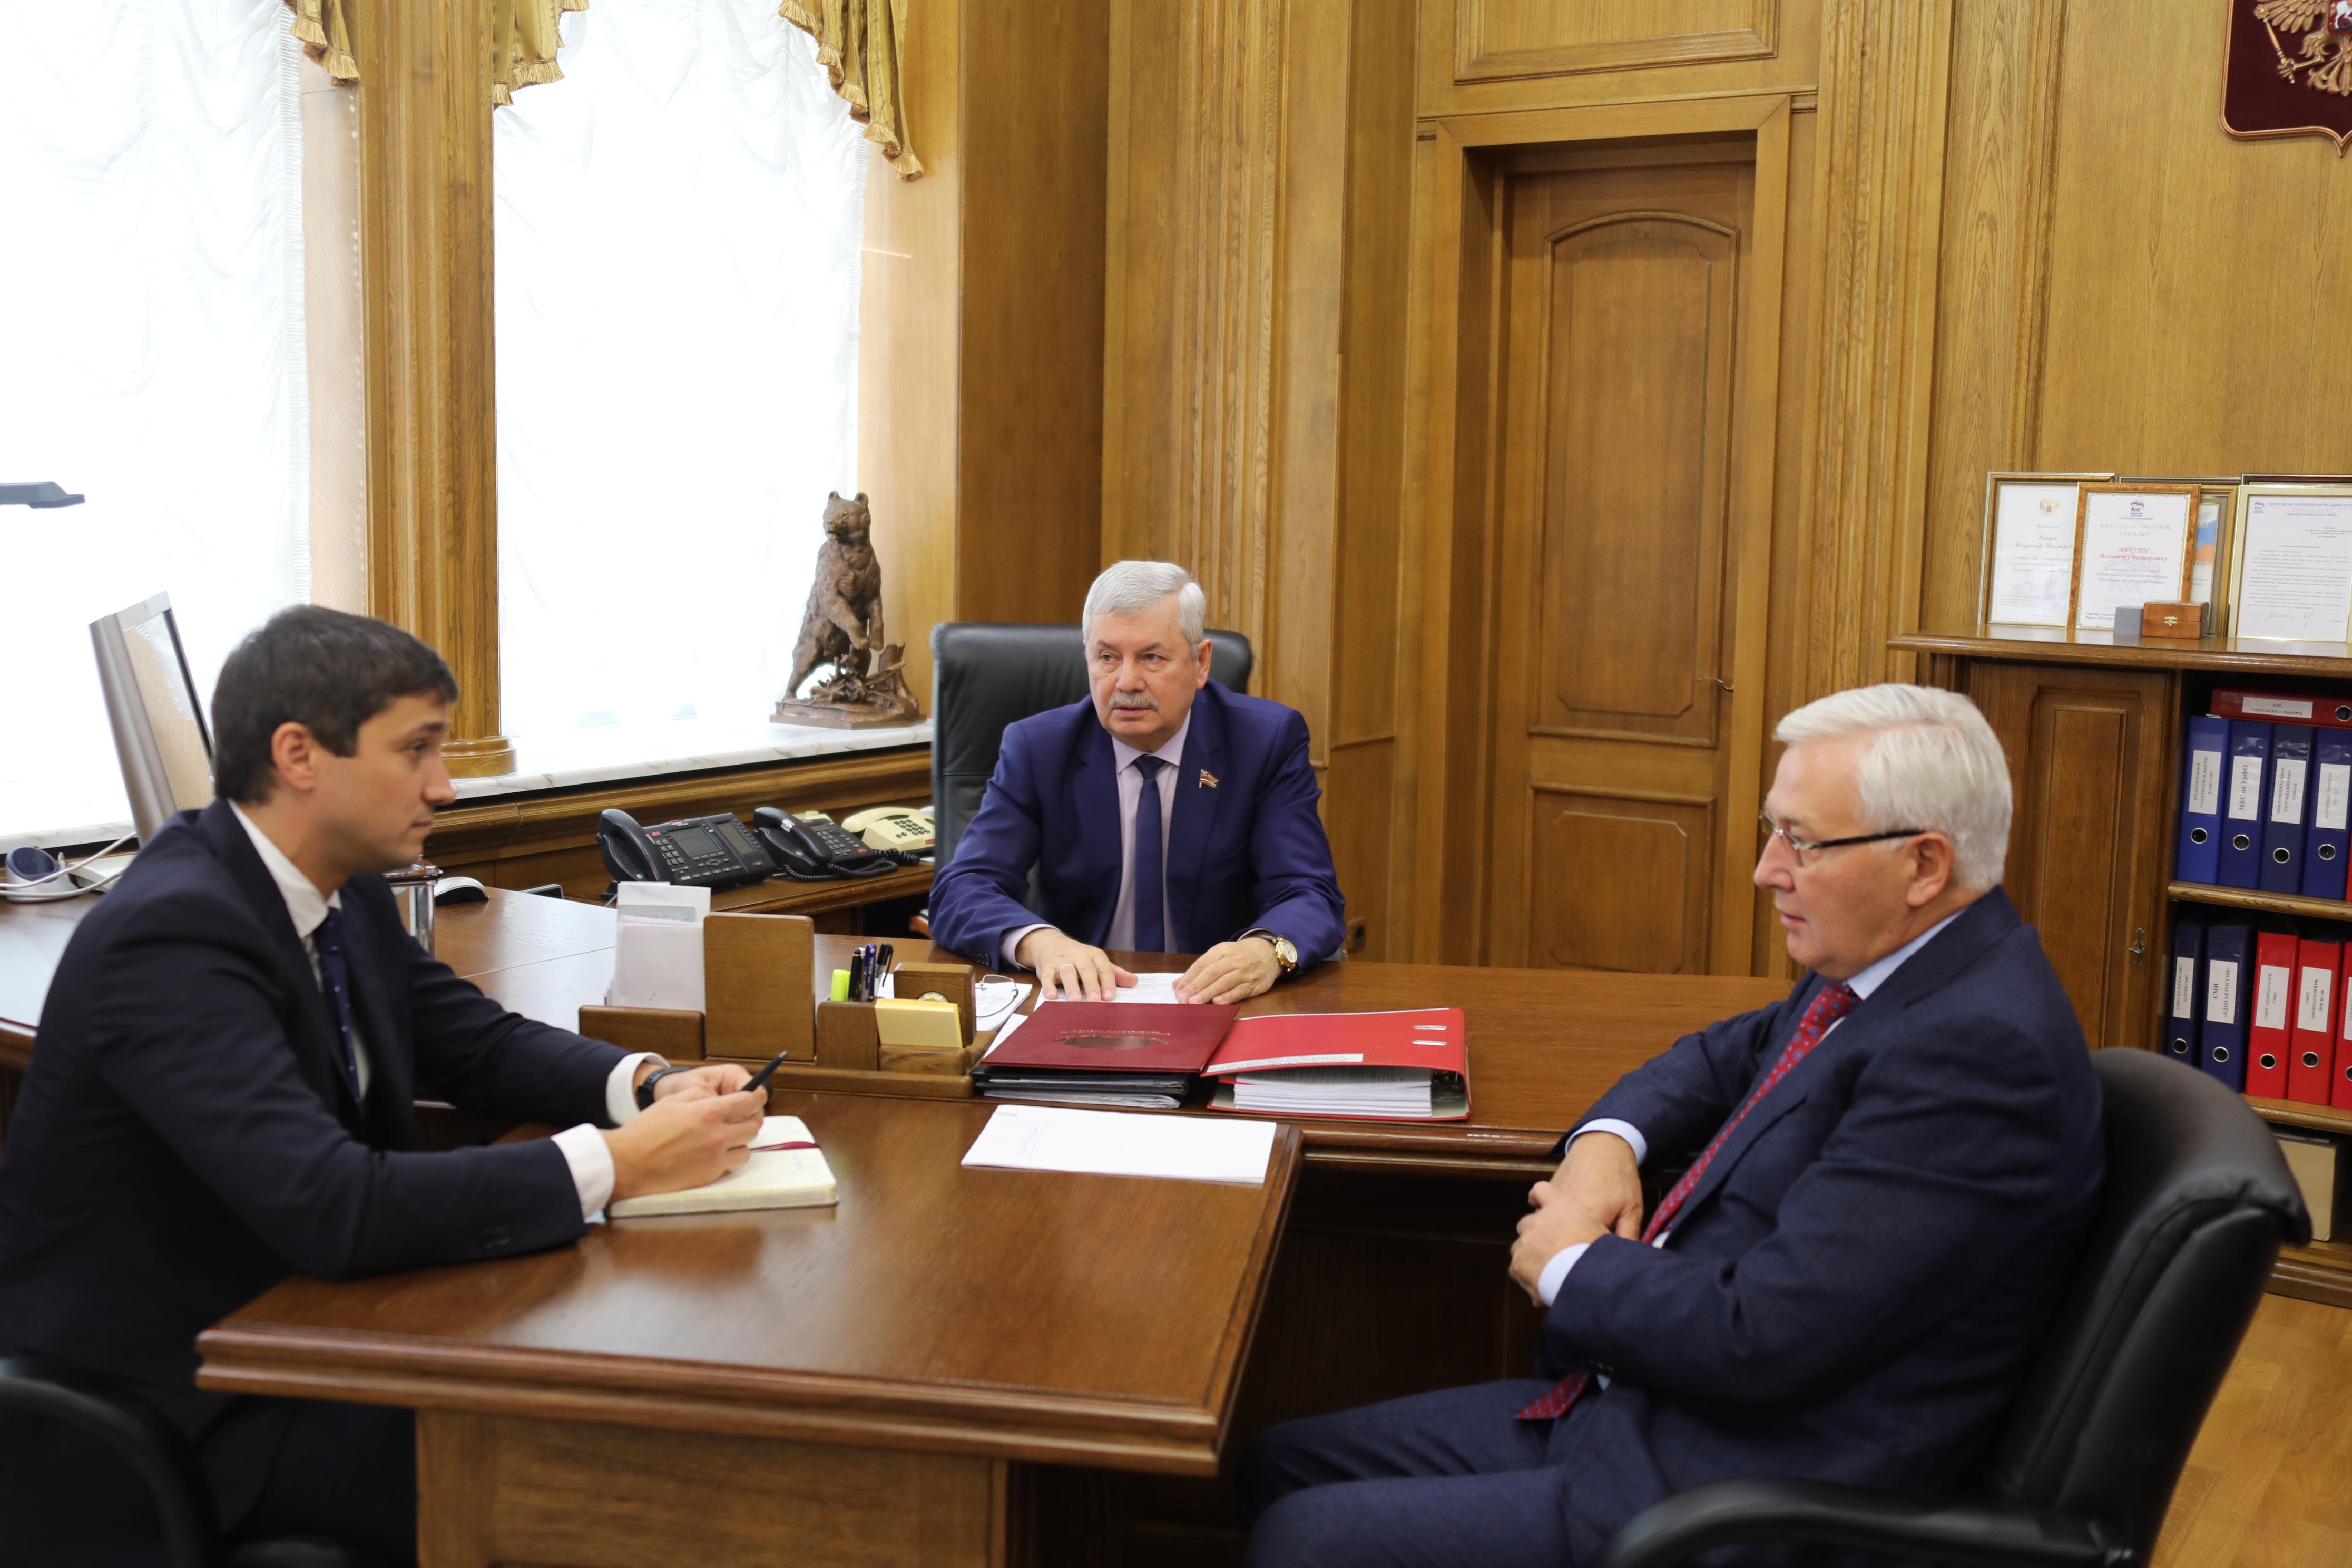 Федеральная трасса М-5 «Урал» в горнозаводской зоне на территории Челябинской области будет расши